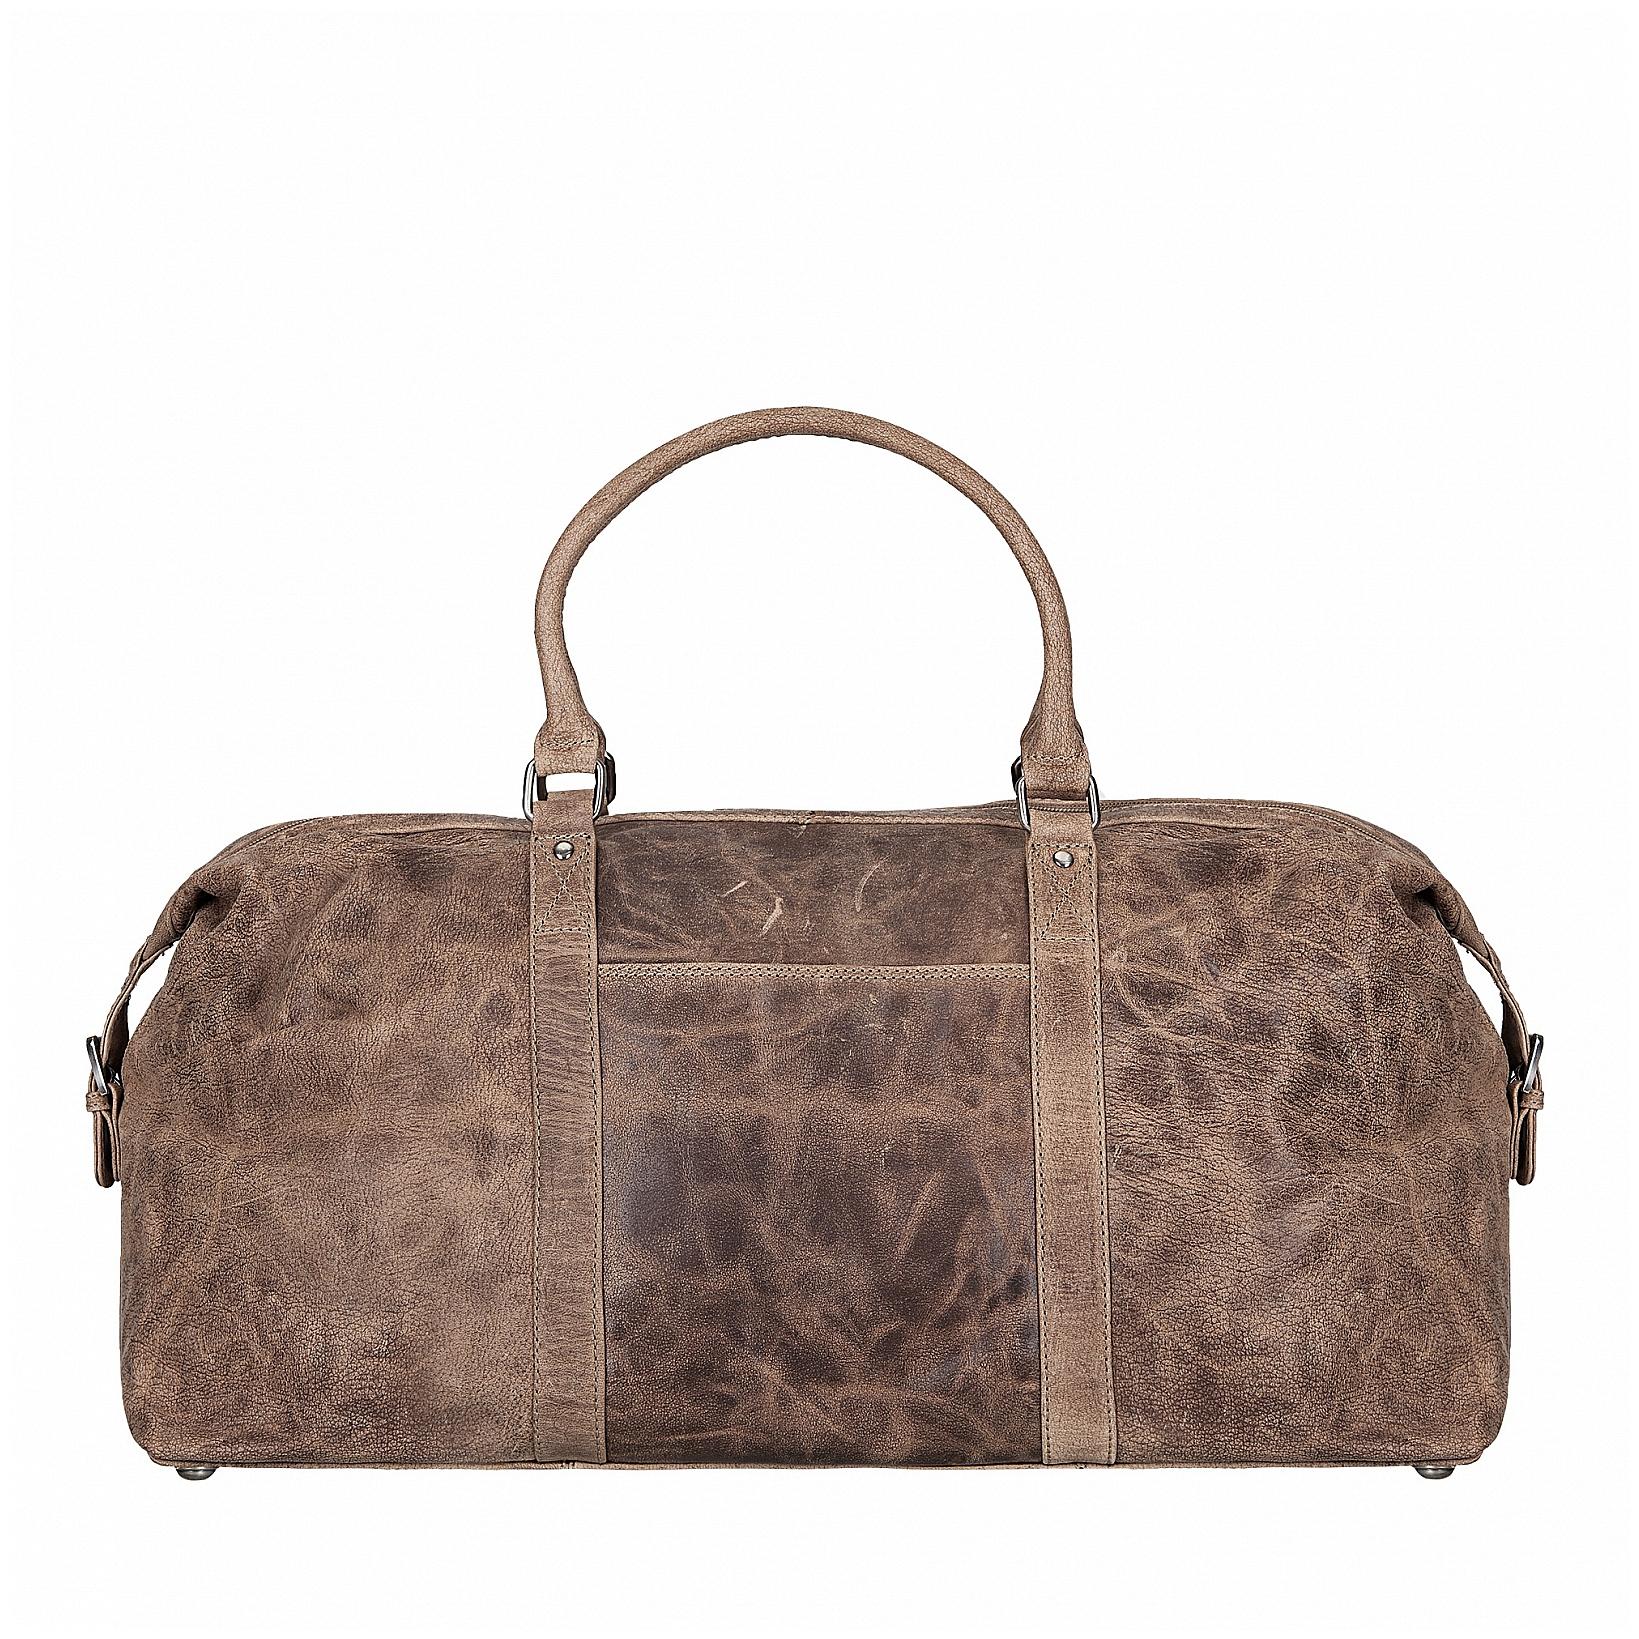 ESTELLE Cestovní taška z buvolí kůže 1278-05 hnědá